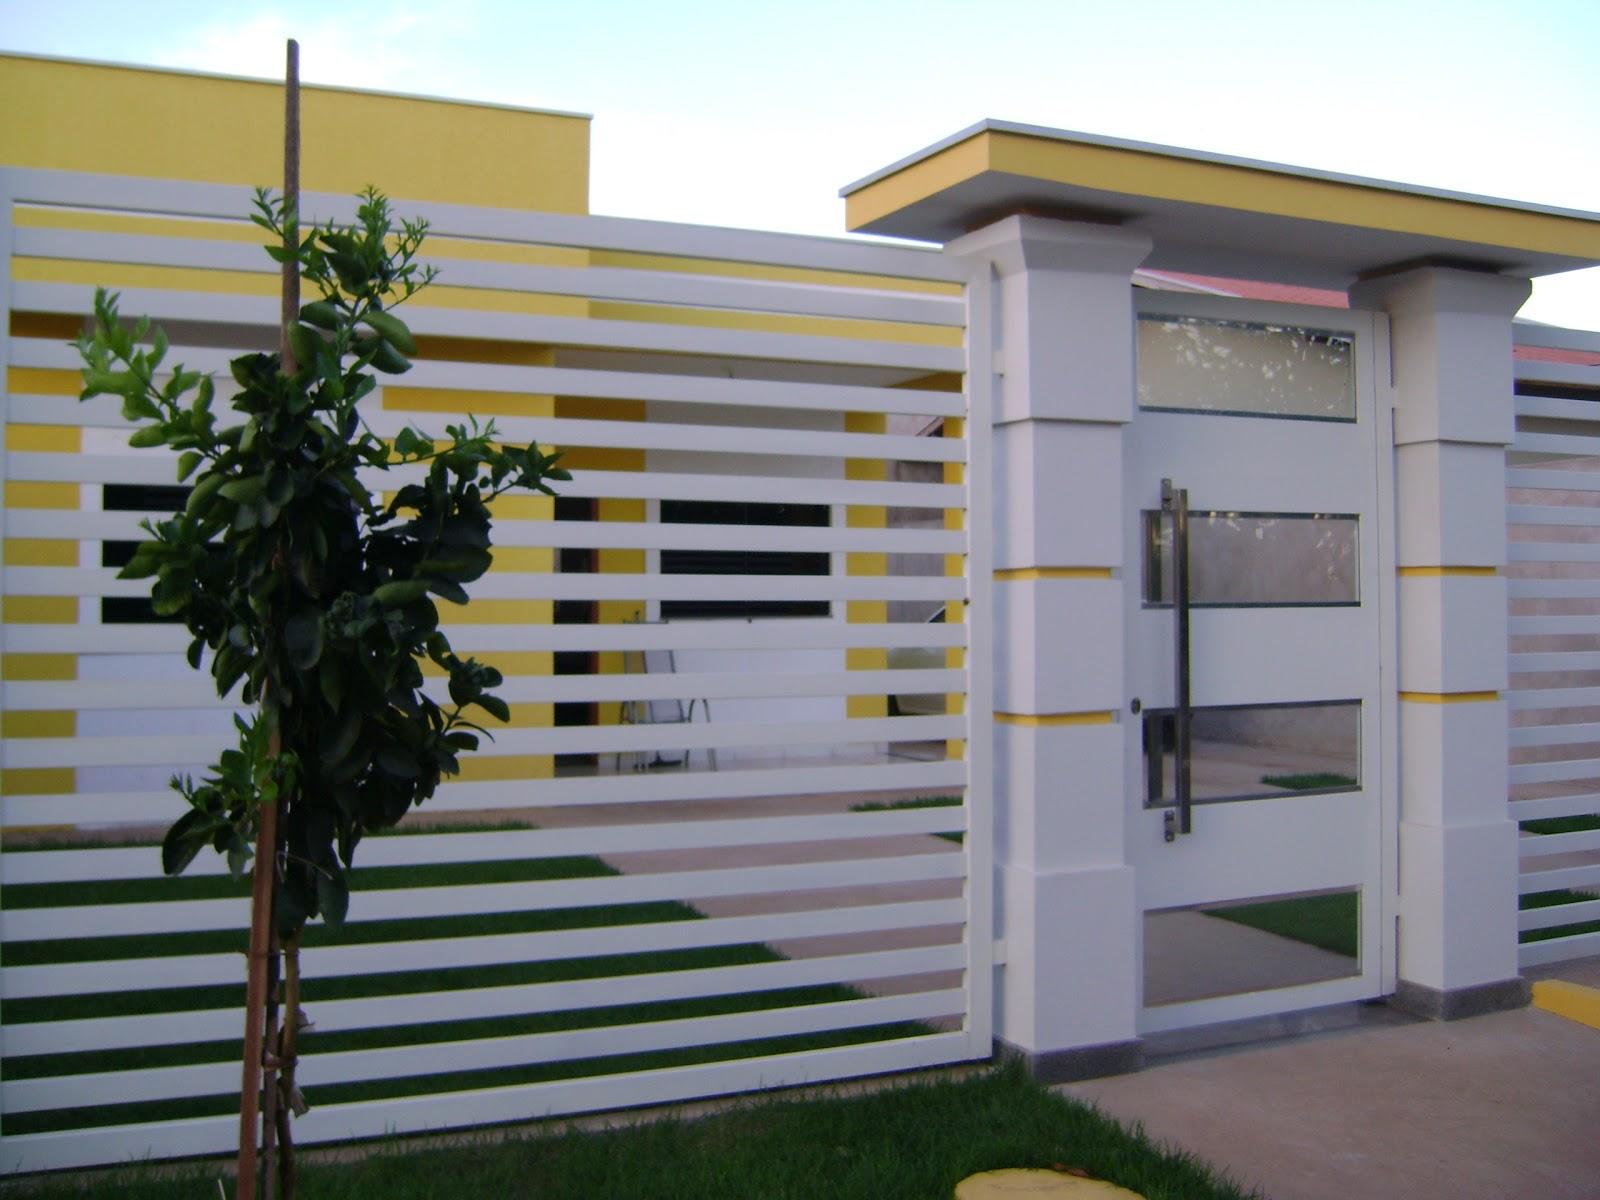 Fachadas de casas sem telhado 4 fotos modernas pelautscom for Fachadas modernas